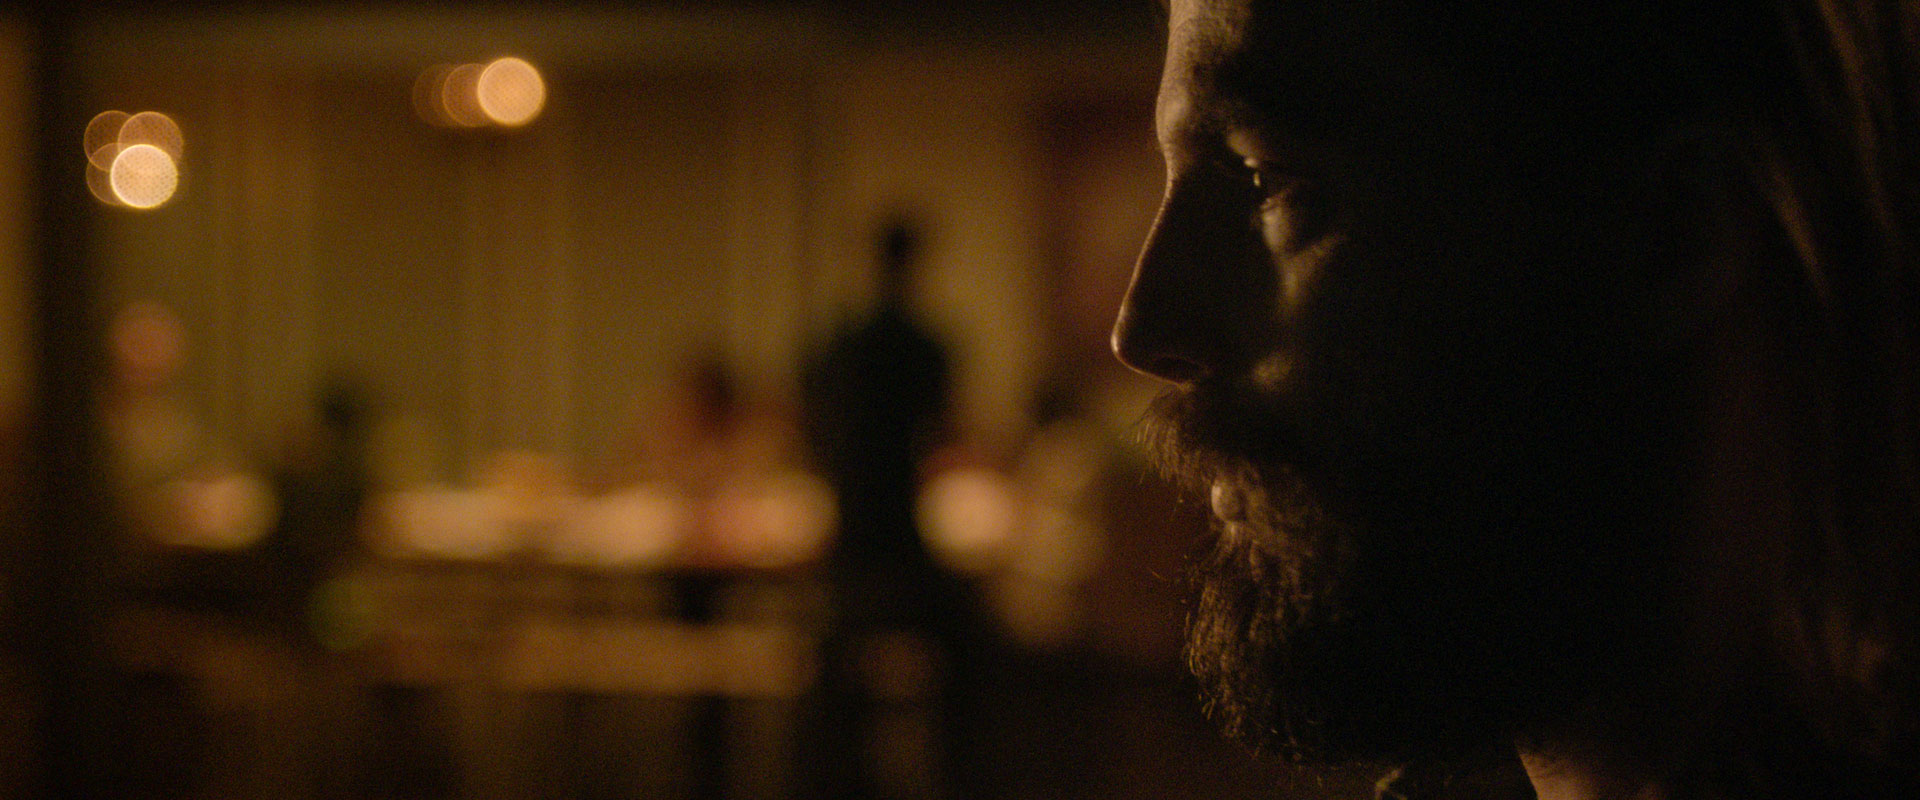 Logan Marshall Green stars in director Karyn Kusama's  The Invitation